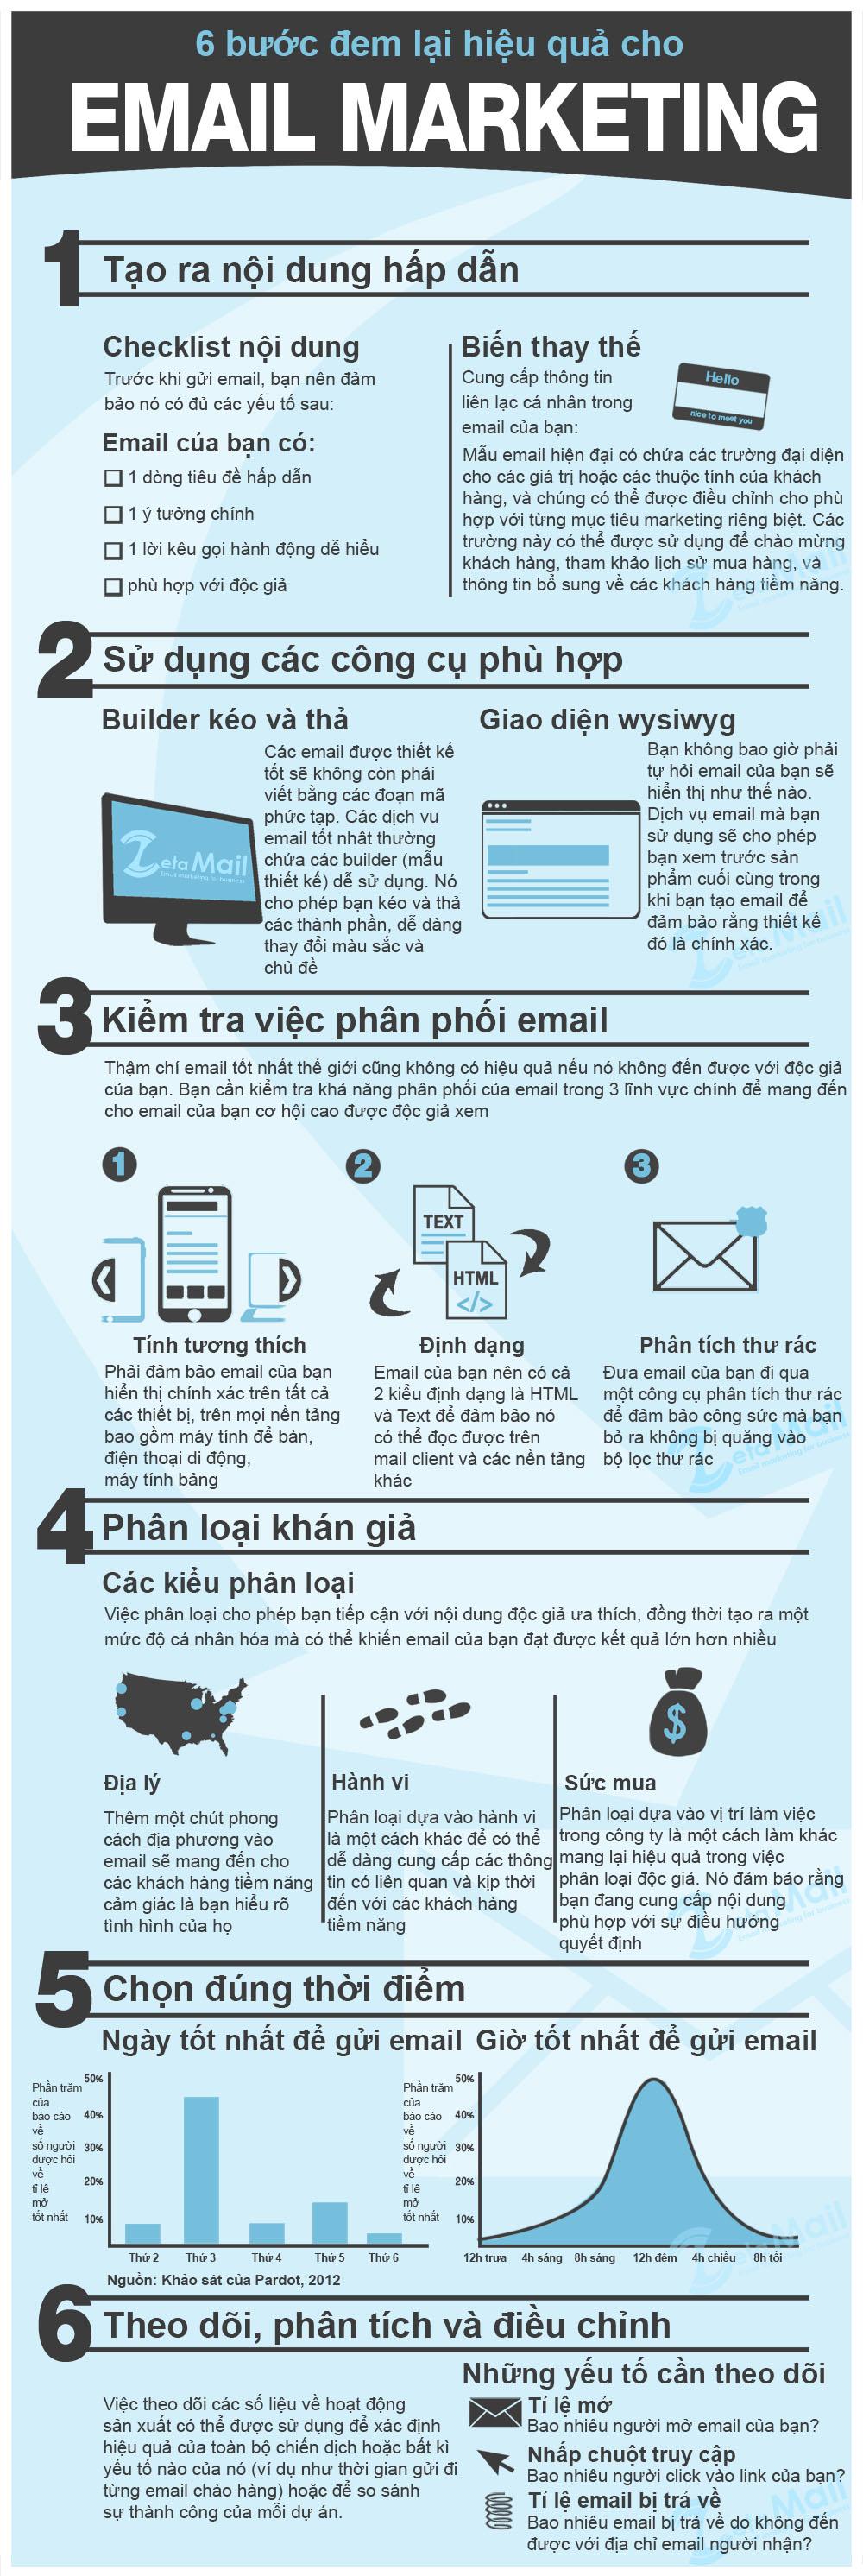 6 bước đem lại hiệu quả cho email marketing